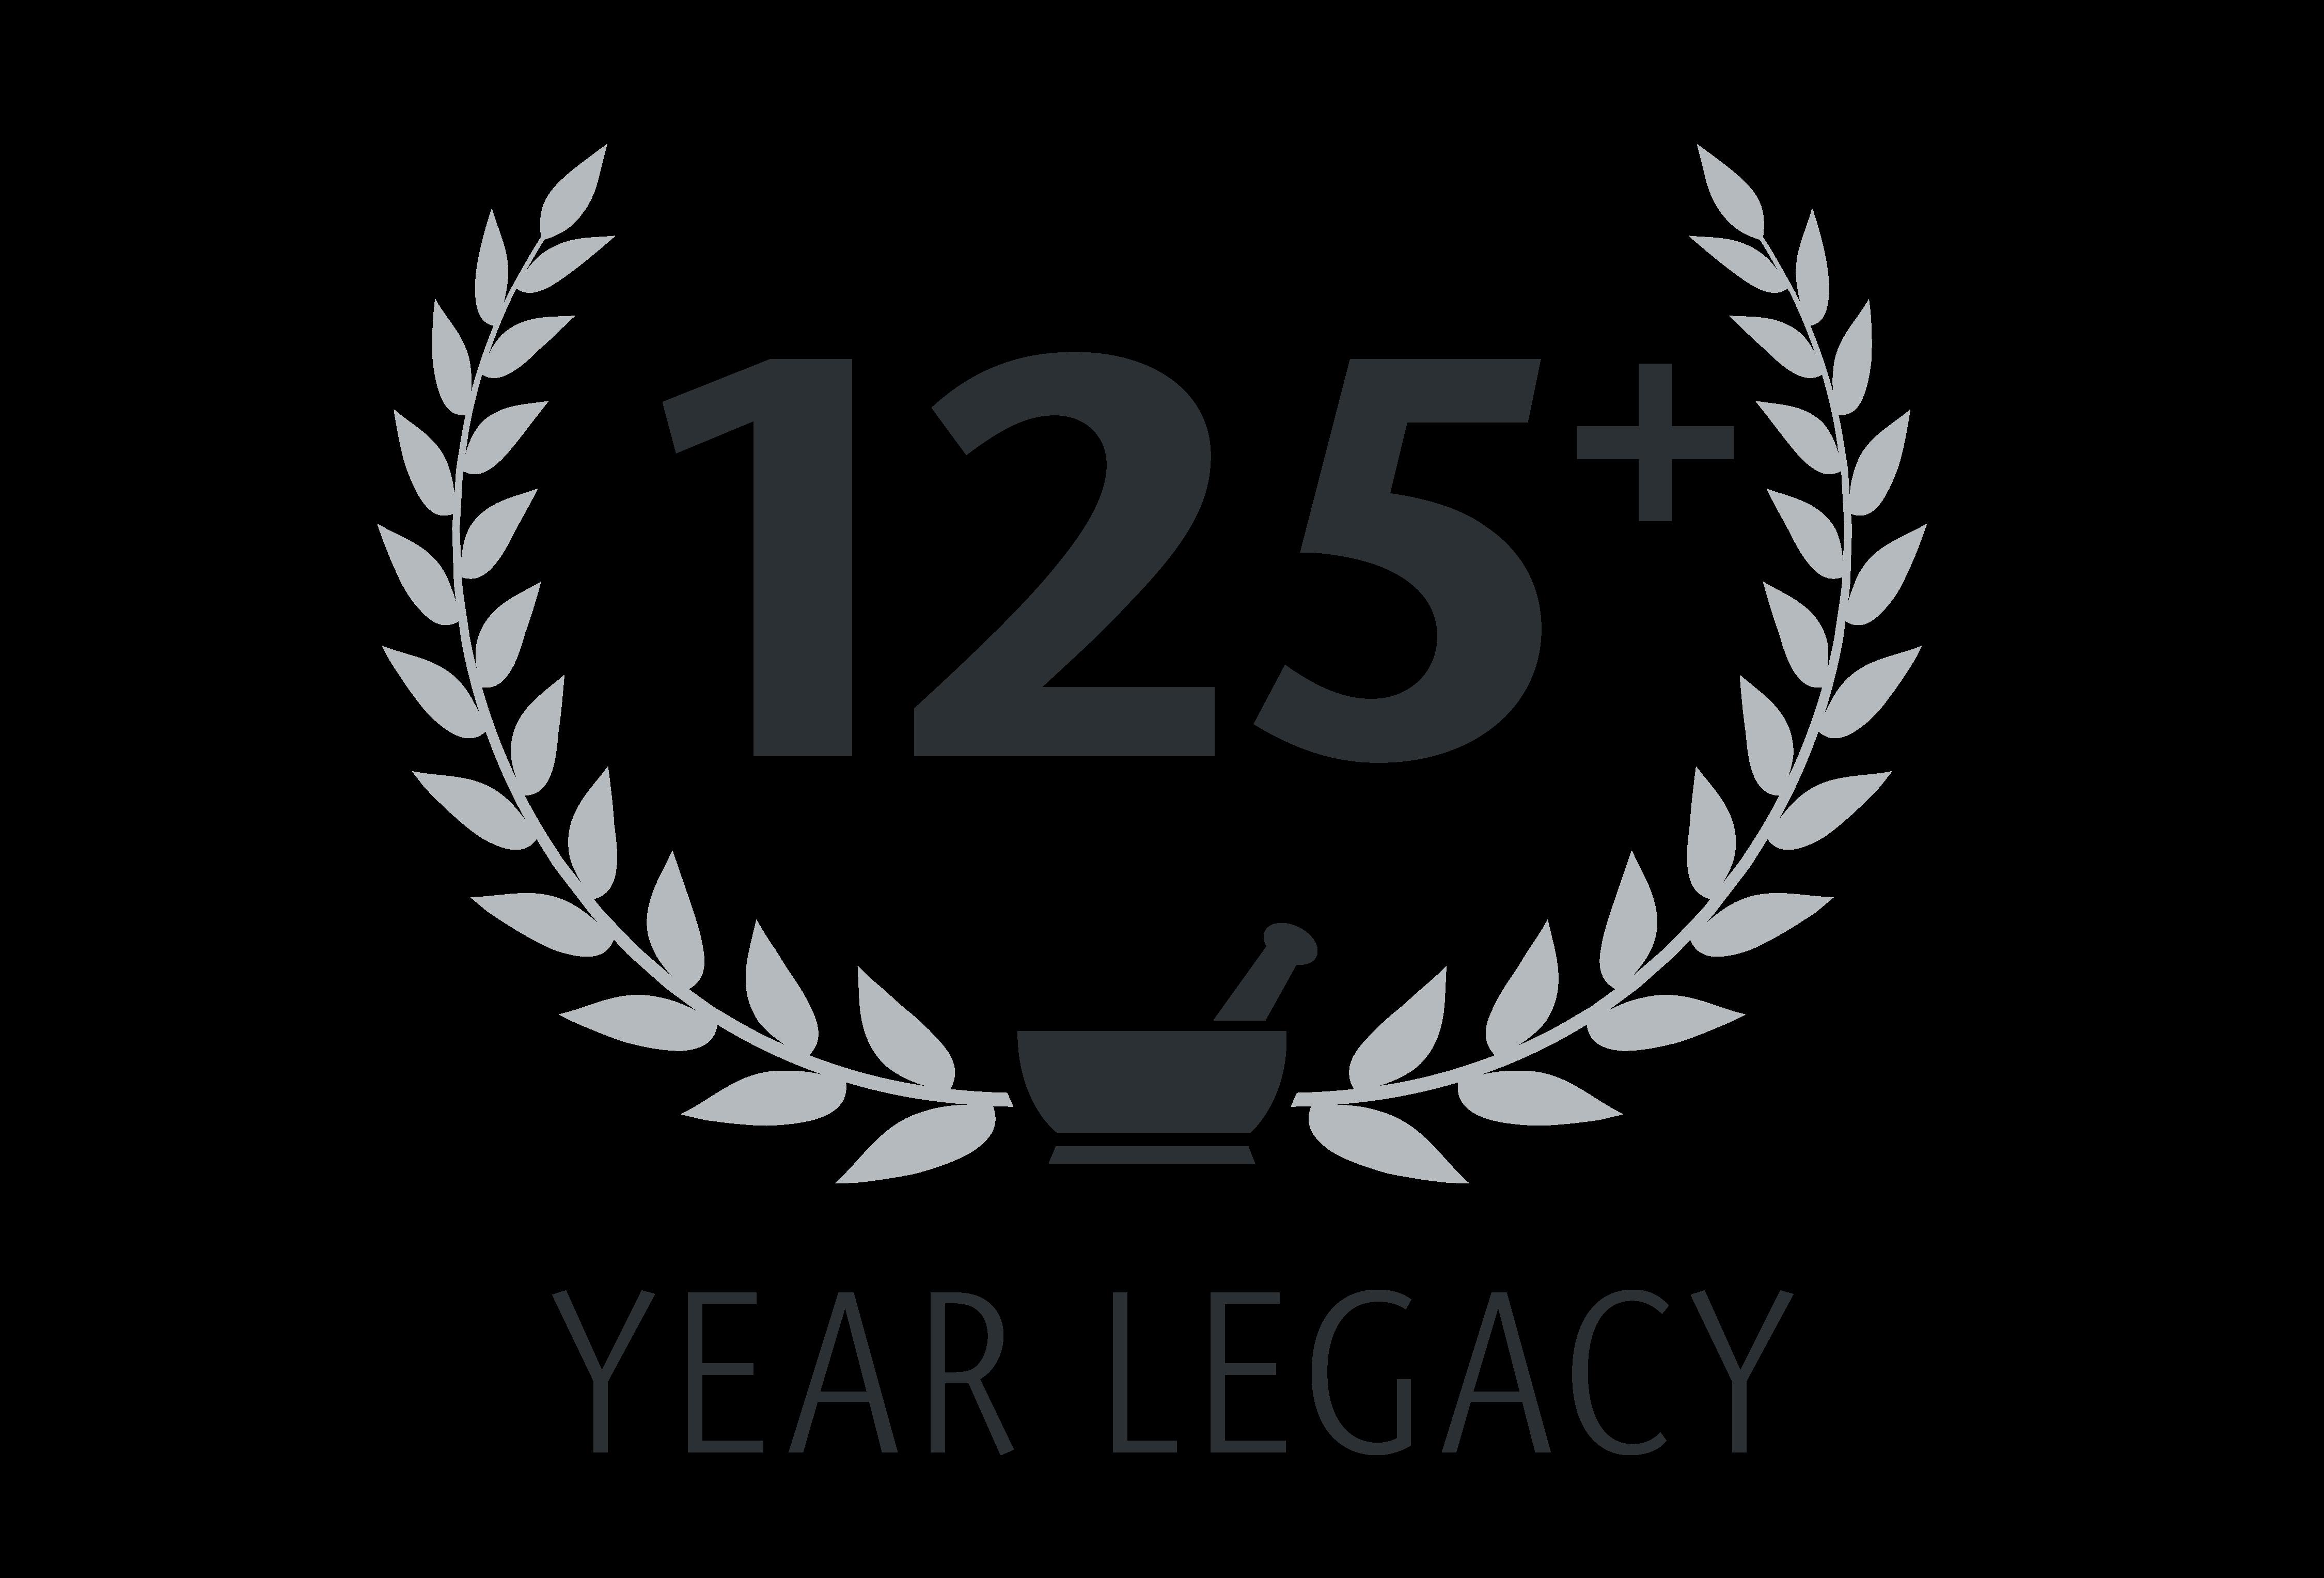 125+ Year Legacy